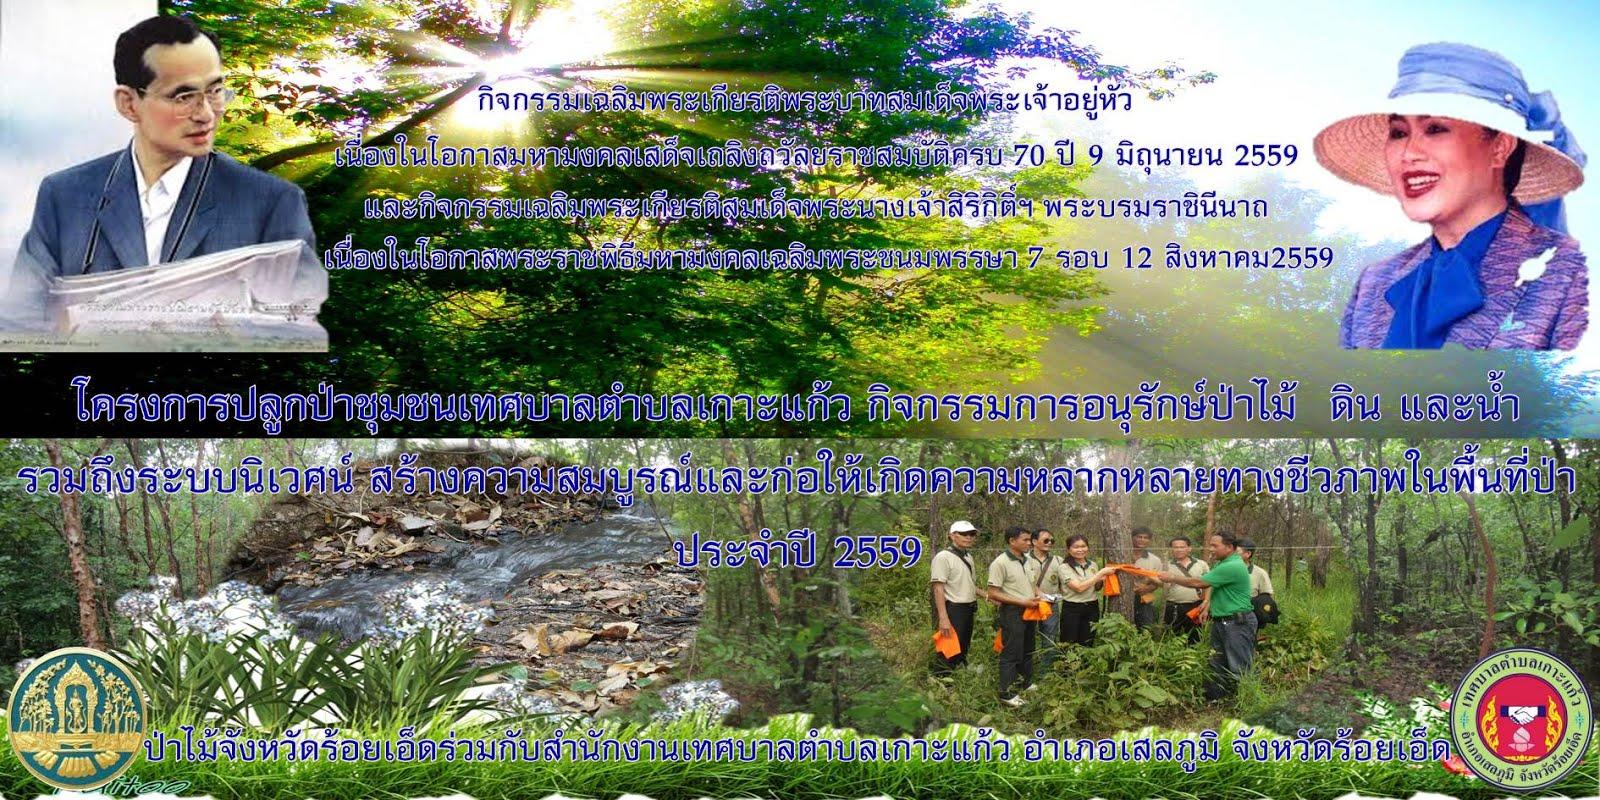 โครงการปลูกป่าชุมชนเฉลิมพระเกียรติฯ